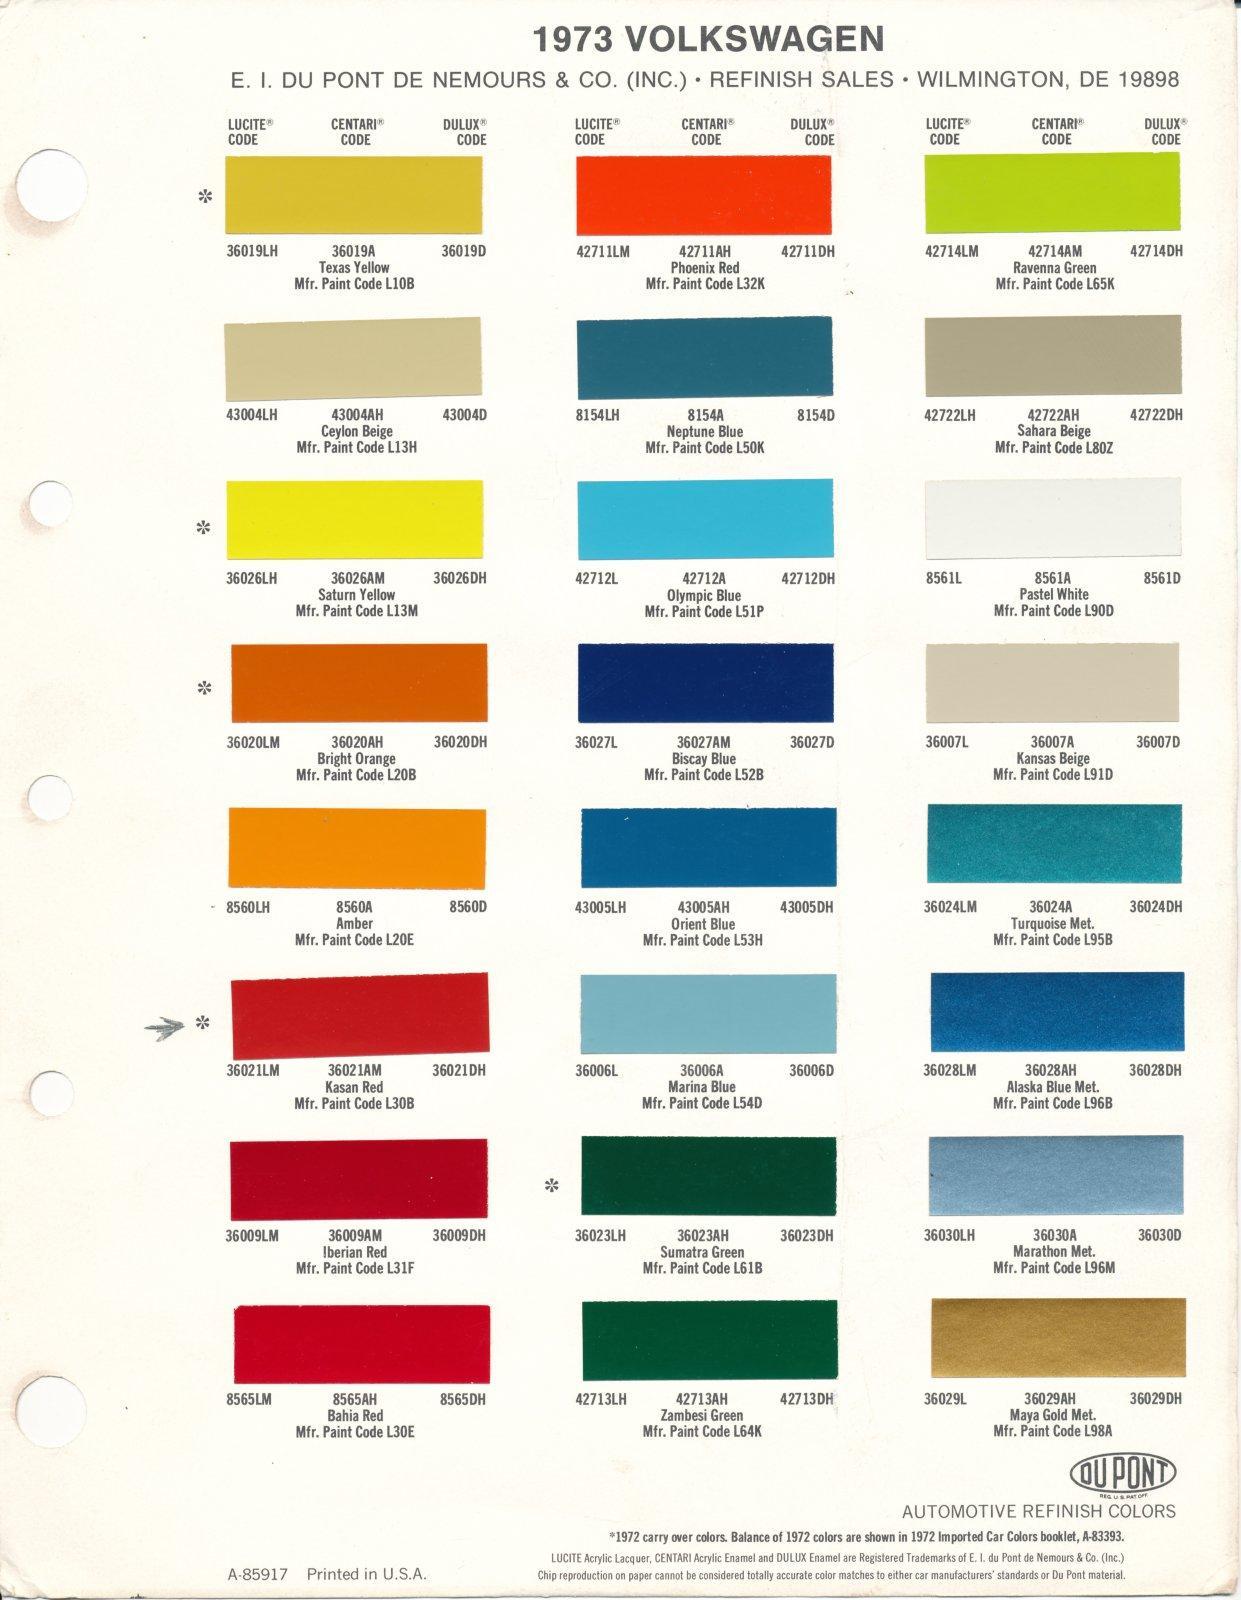 1973 vw colors dupont color sheet